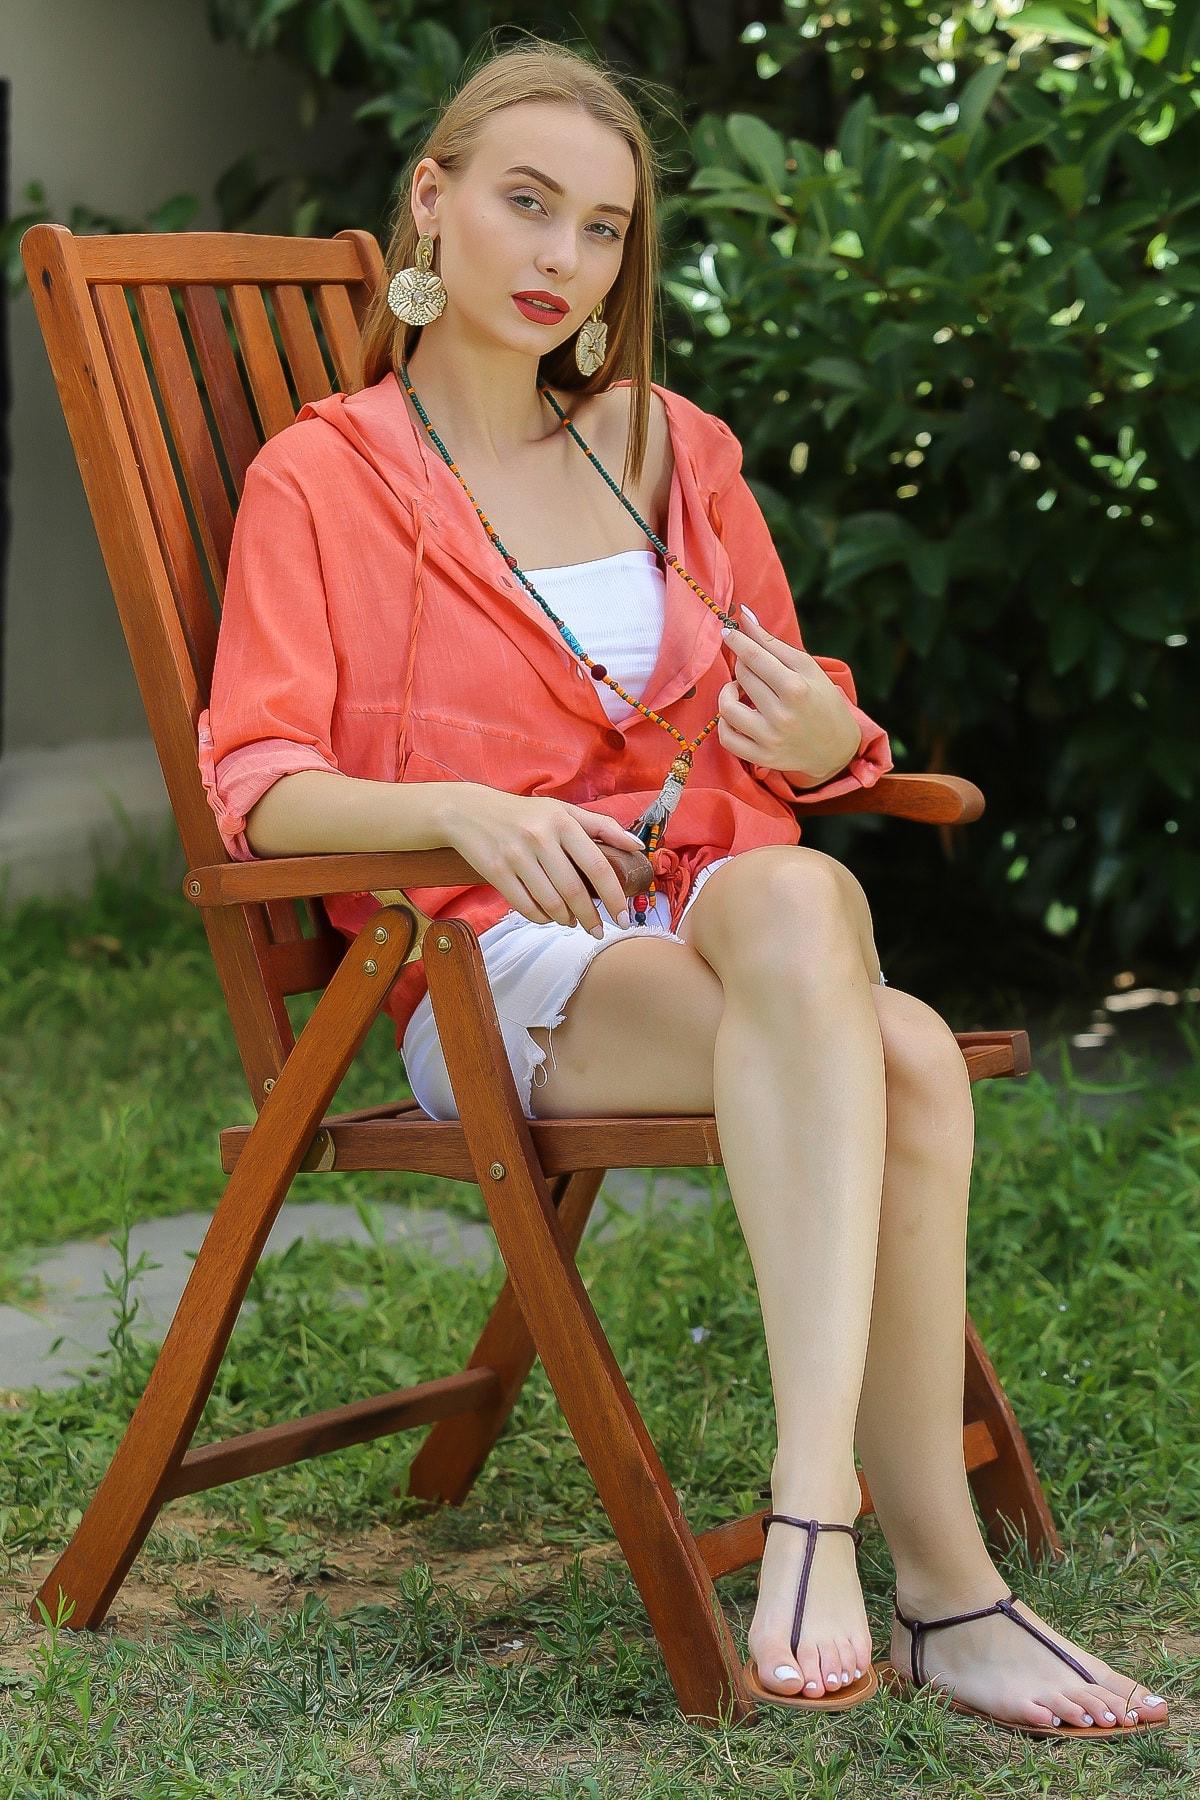 Chiccy Kadın Turuncu Casual Kapüşonlu Düğmeli Beli Ip Detaylı Büzgülü Yıkmalı Ceket M10210100Ce99339 3